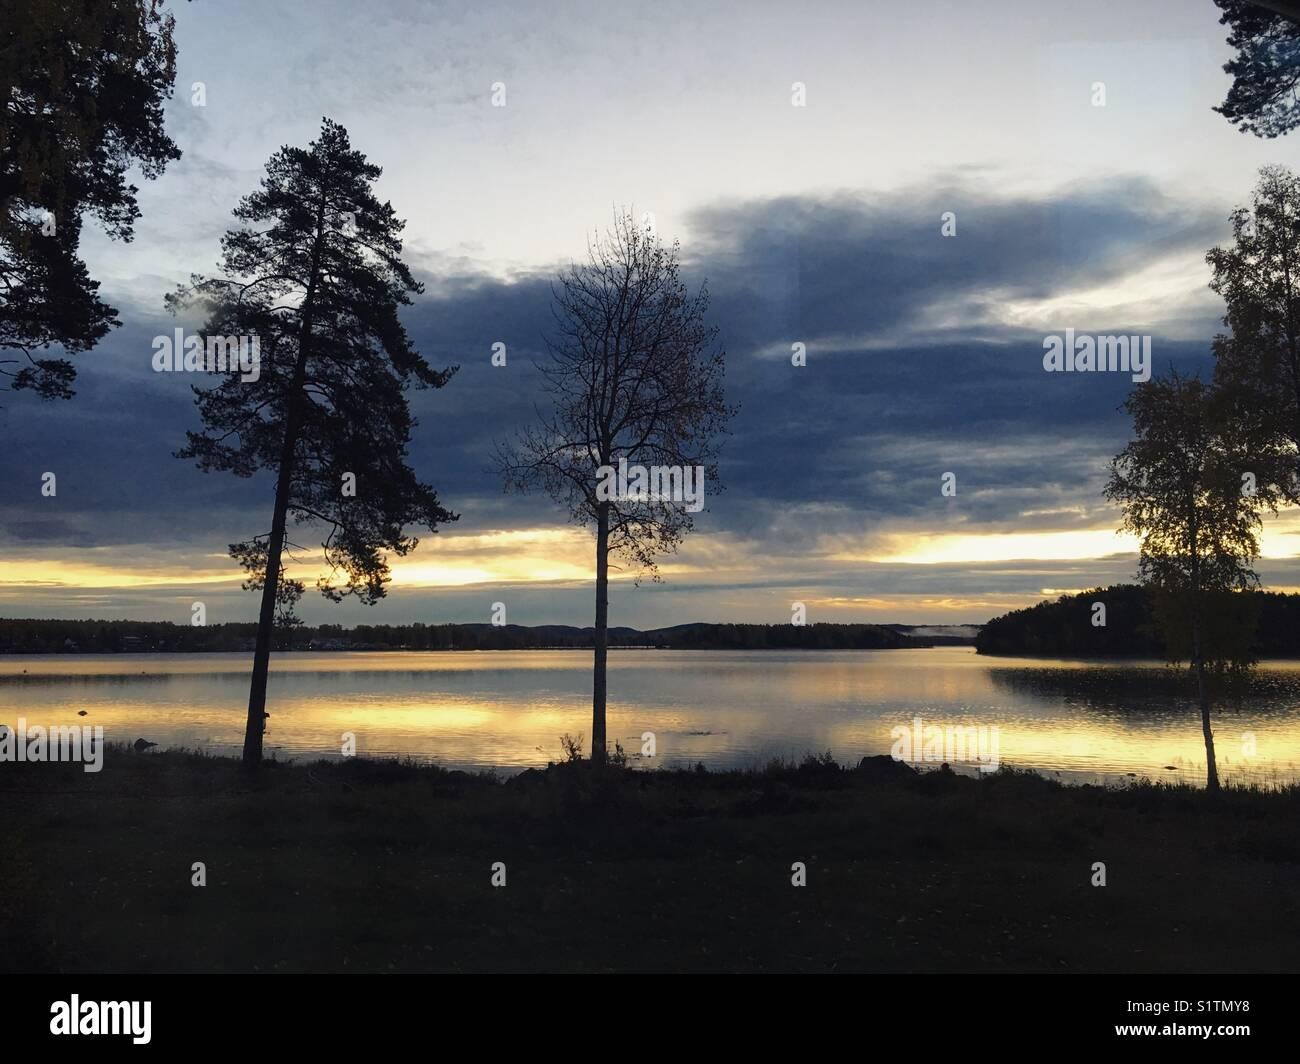 Sunrise over a lake in Dalarna, Sweden. - Stock Image